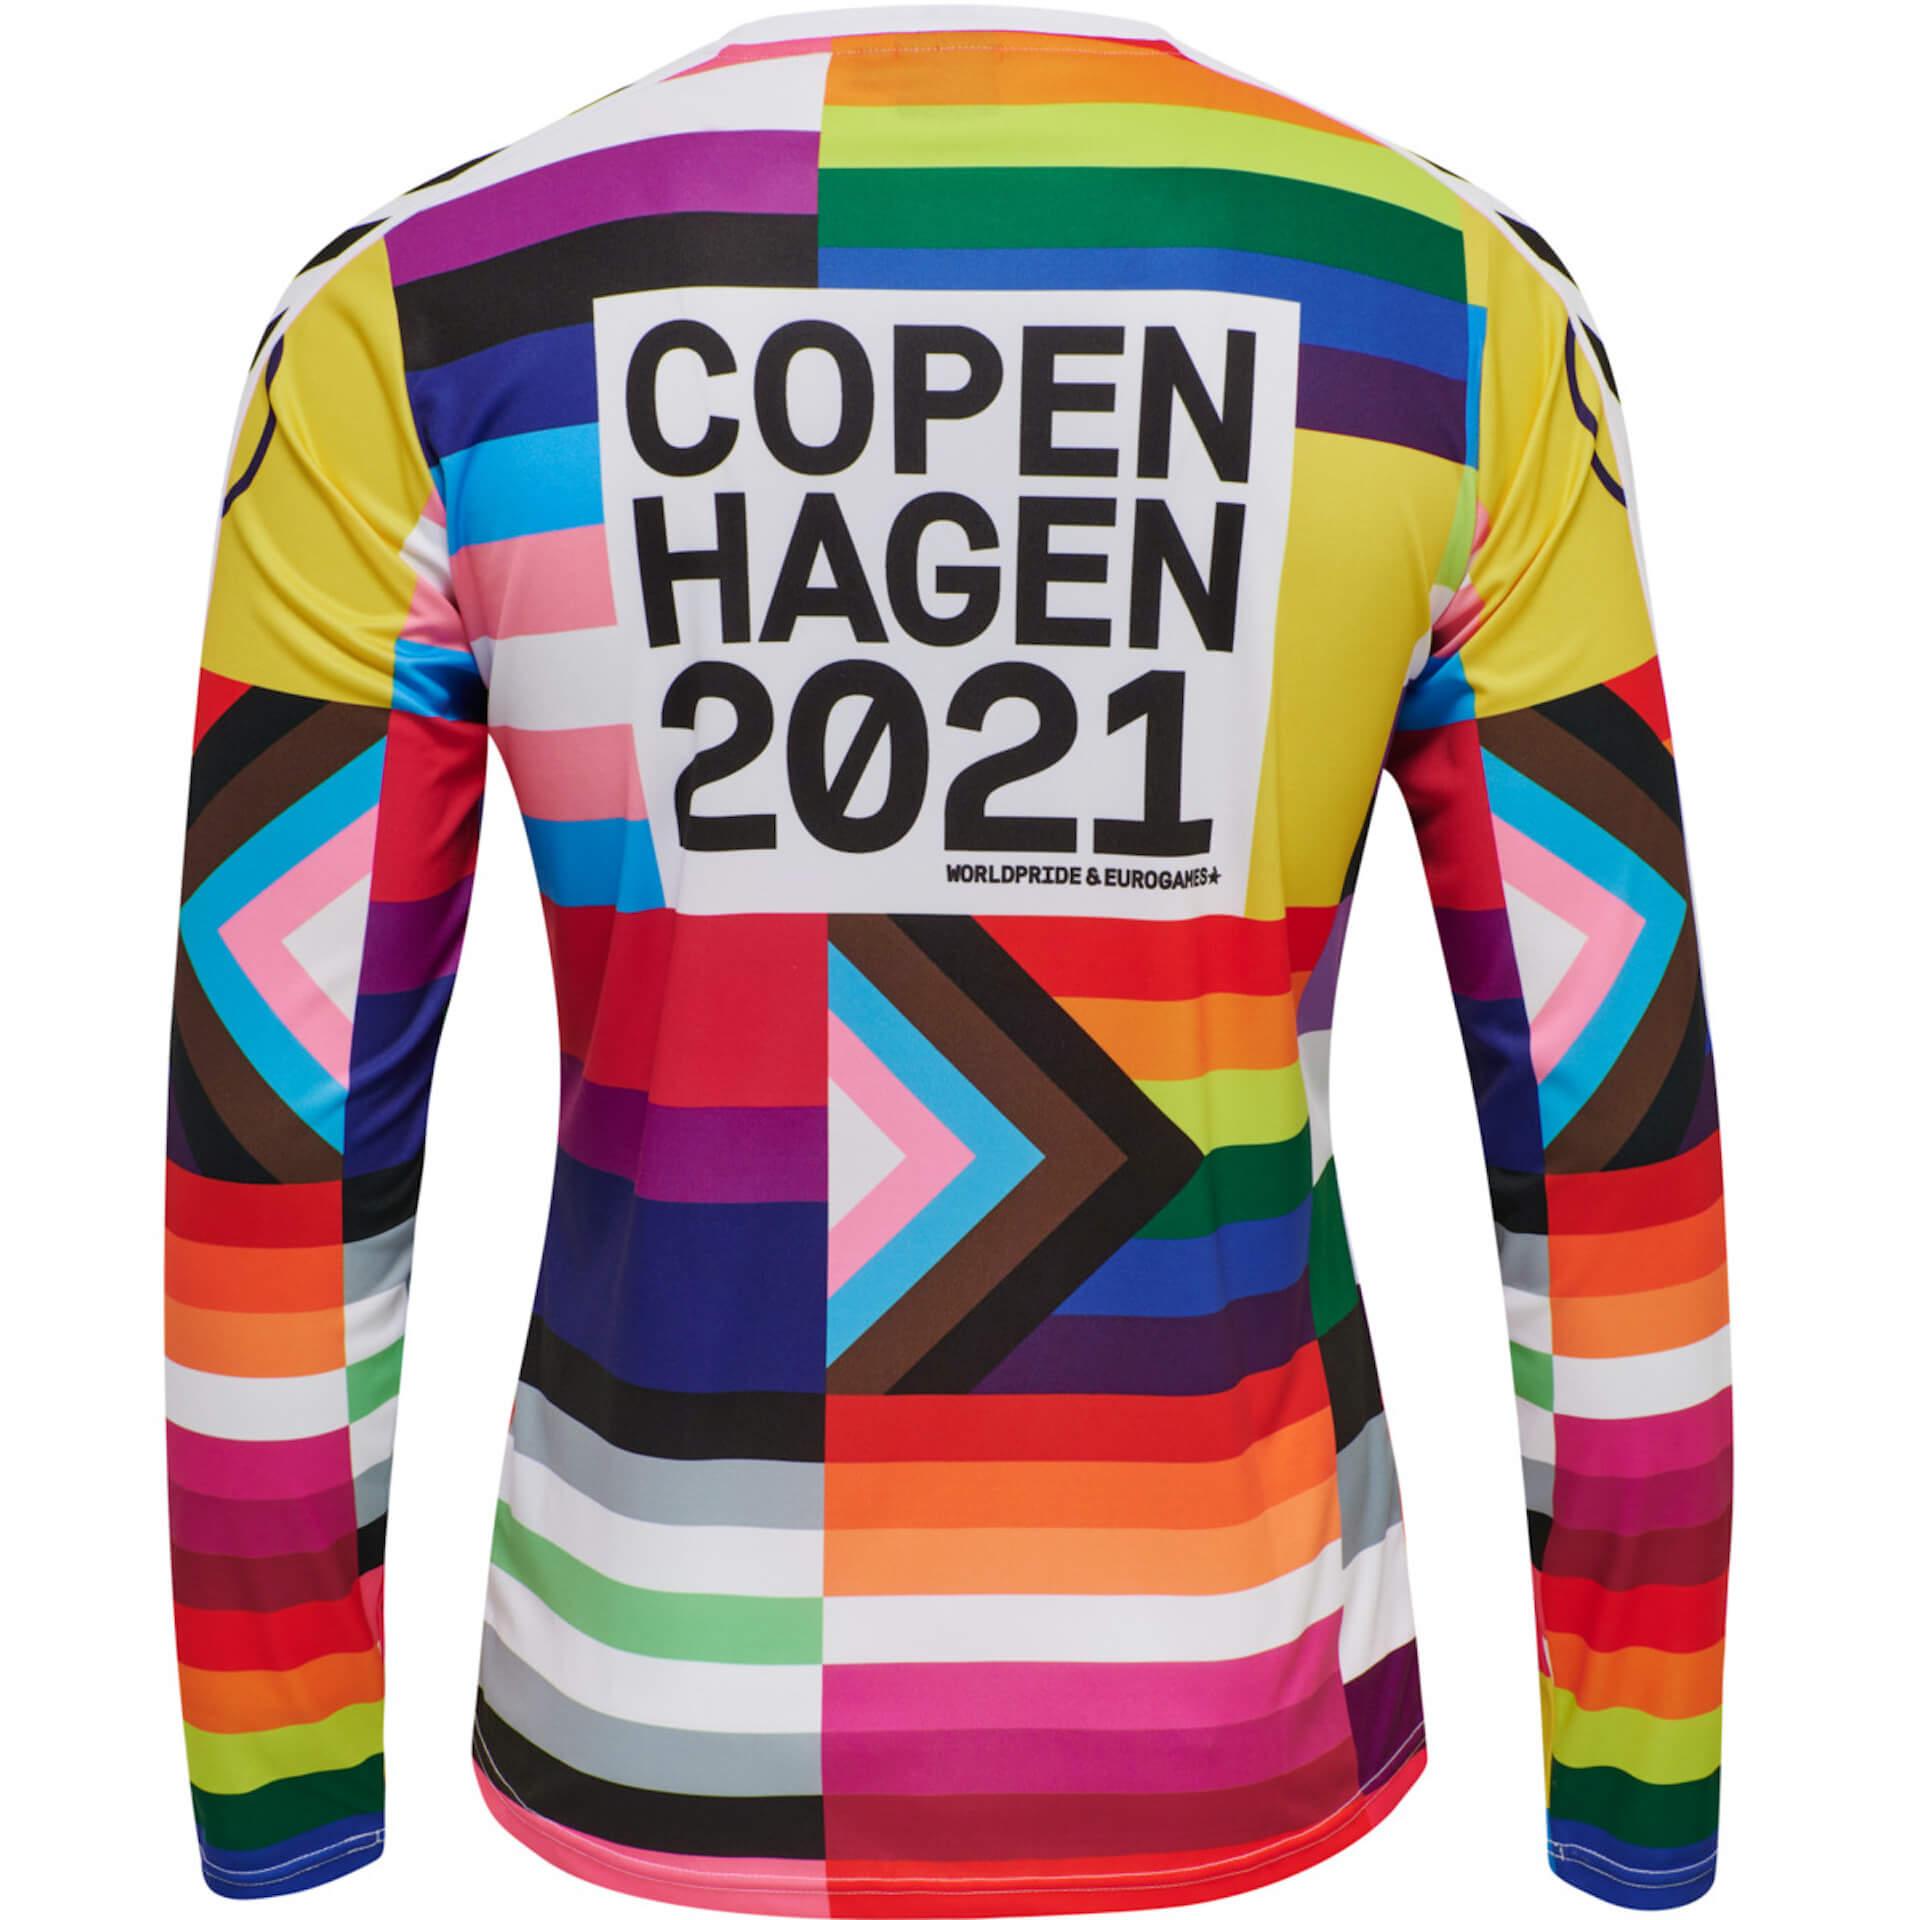 多様性を祝福する「ヒュンメル×コペンハーゲン 2021」コラボグッズが限定発売! Fashion_210706_hummel3